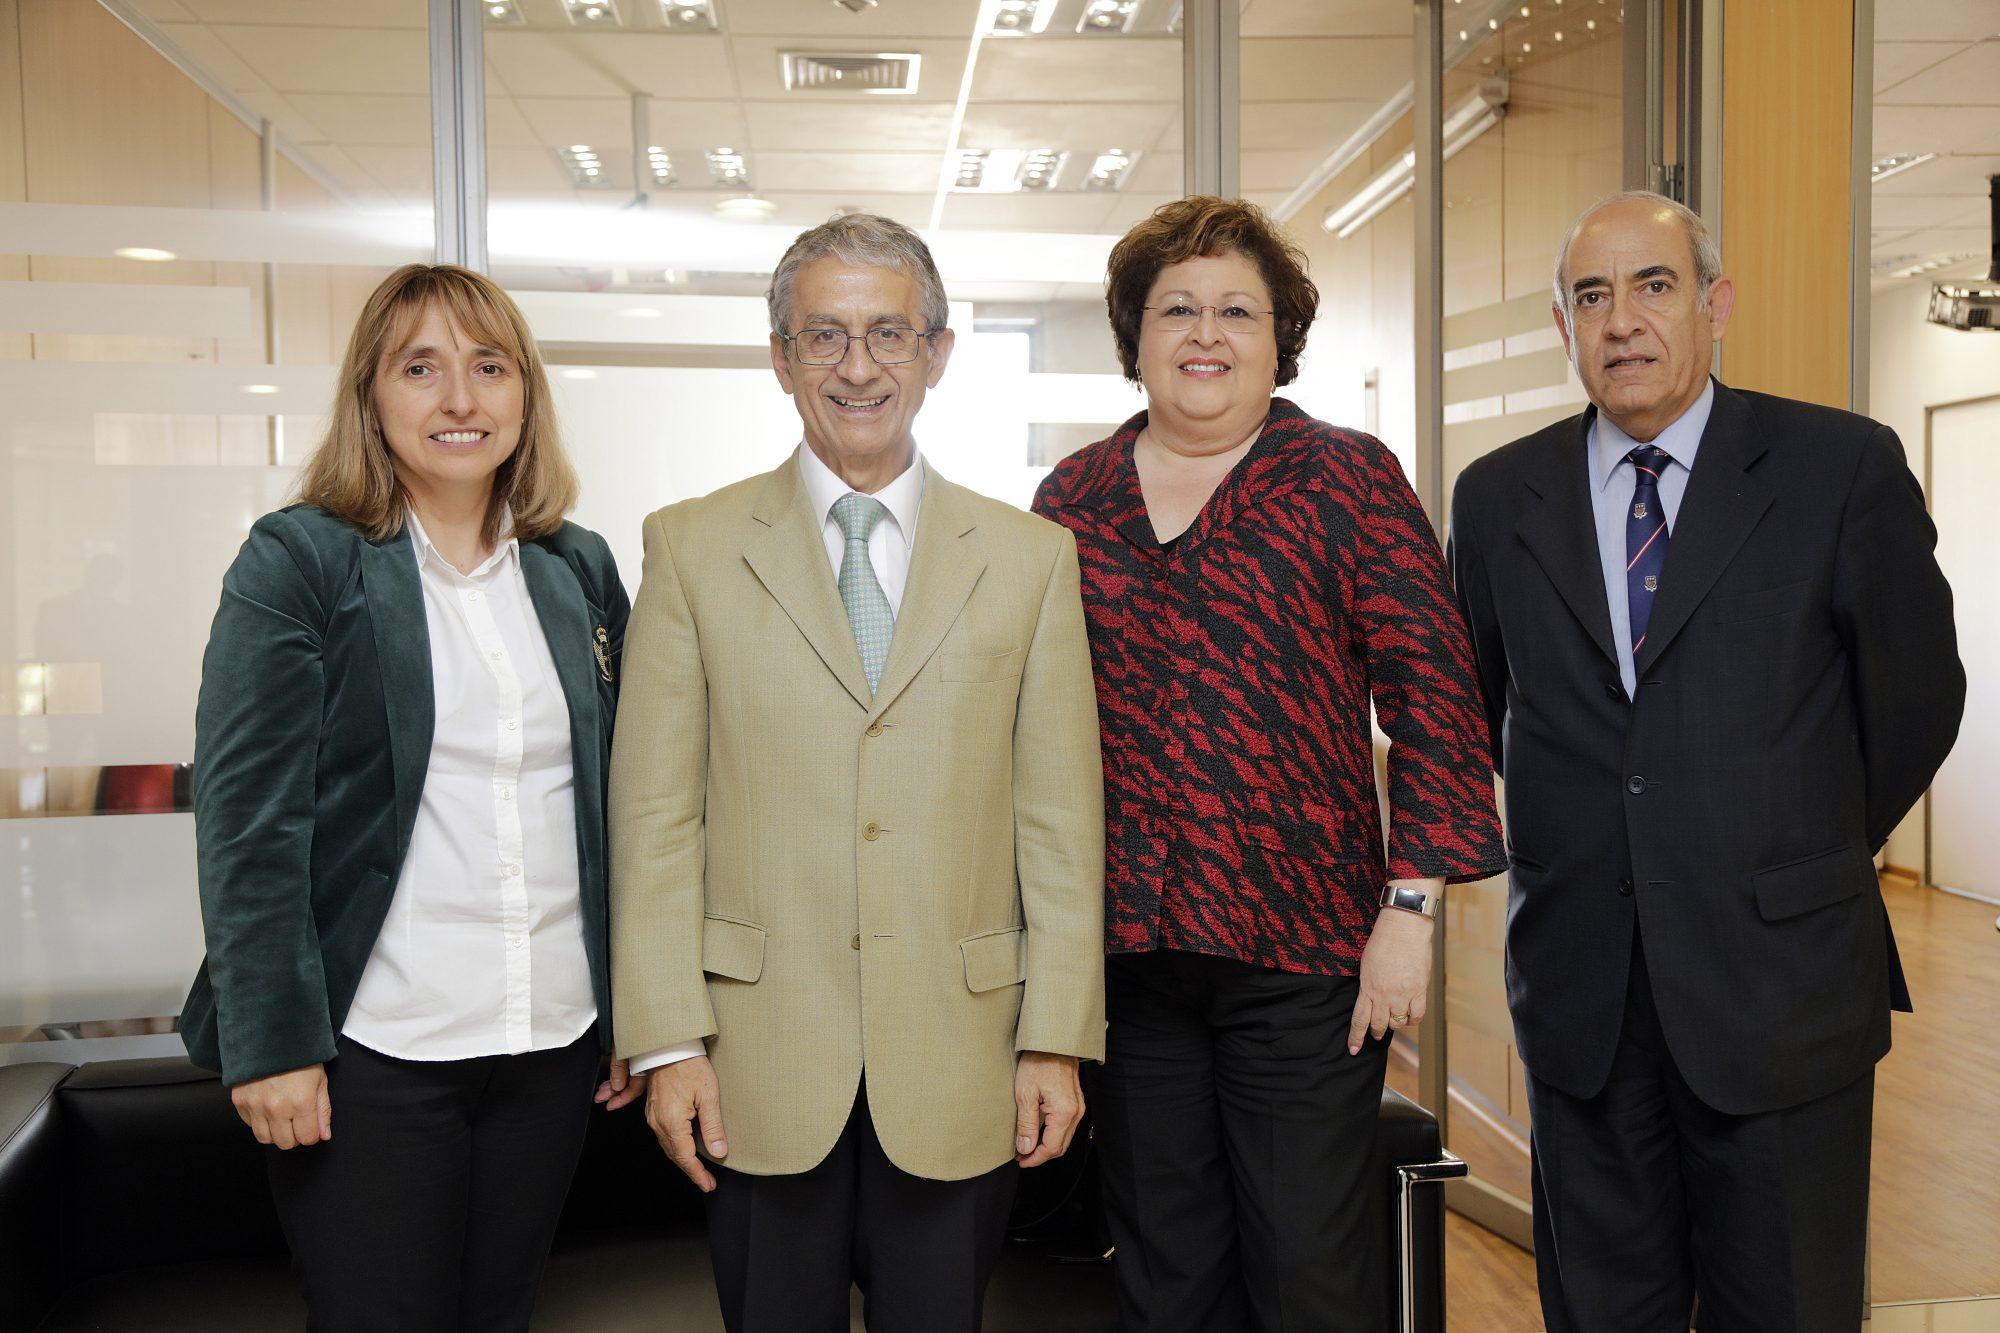 visita-doctora-idna-corbett-acreditacion-internacional-4-unab